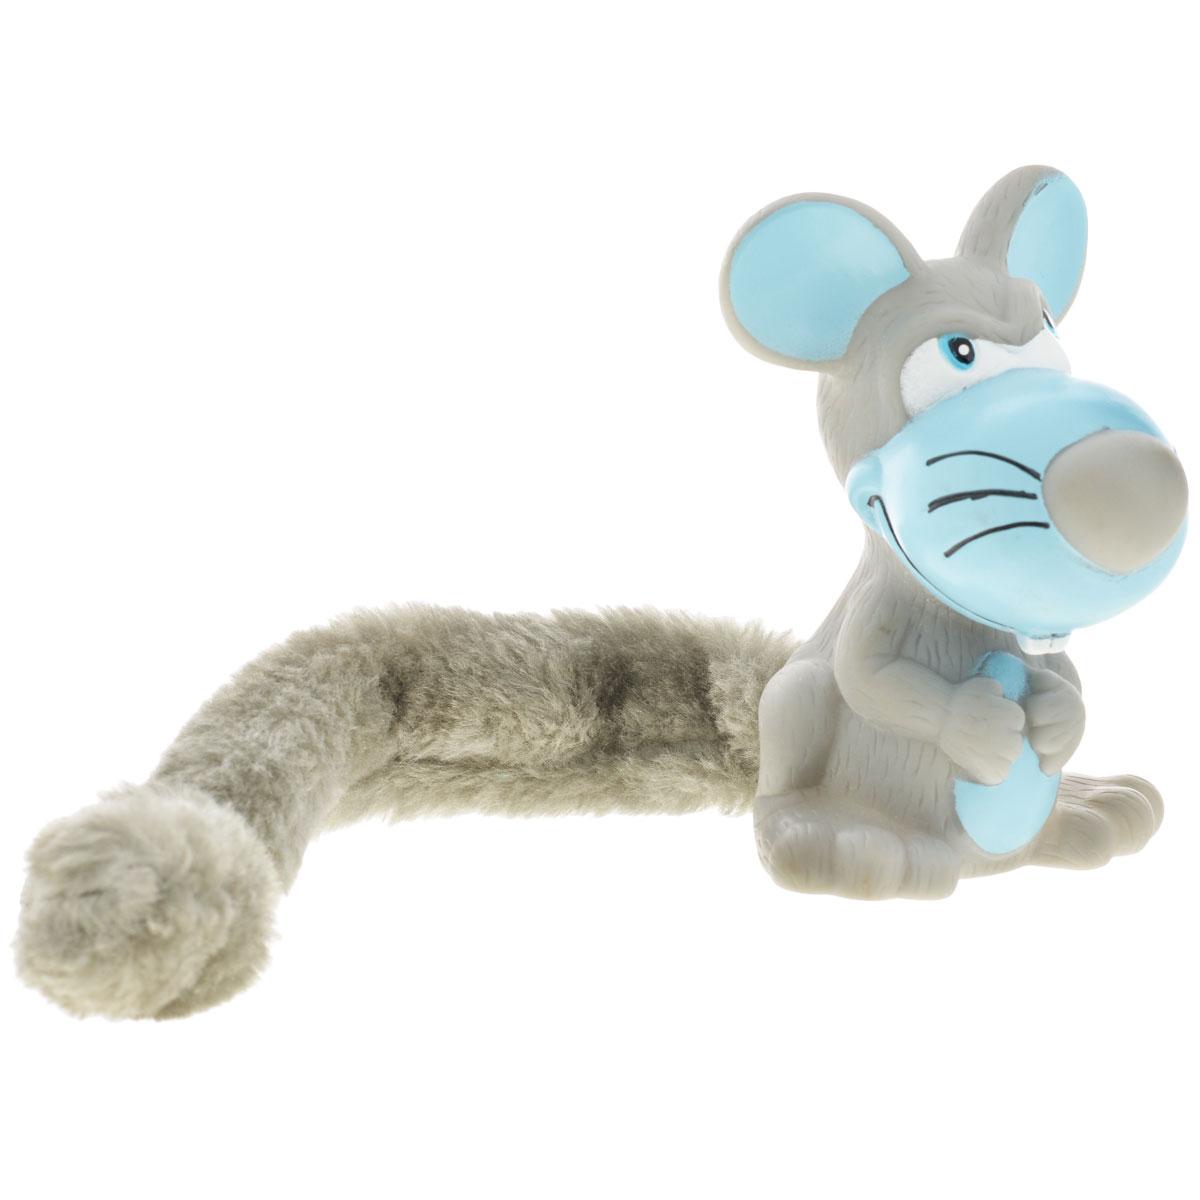 Игрушка для собак Aveva Мышь13303Игрушка для собак Aveva Мышь, выполненная в виде забавной мышки с плюшевым хвостом, изготовлена из резины. Такая игрушка позволит весело провести время вашему питомцу, а также поможет вам сохранить в целости личные вещи и предметы интерьера. Яркая игрушка привлечет внимание вашего любимца, не навредит здоровью и займет его на долгое время. Длина хвоста игрушки: 20 см.